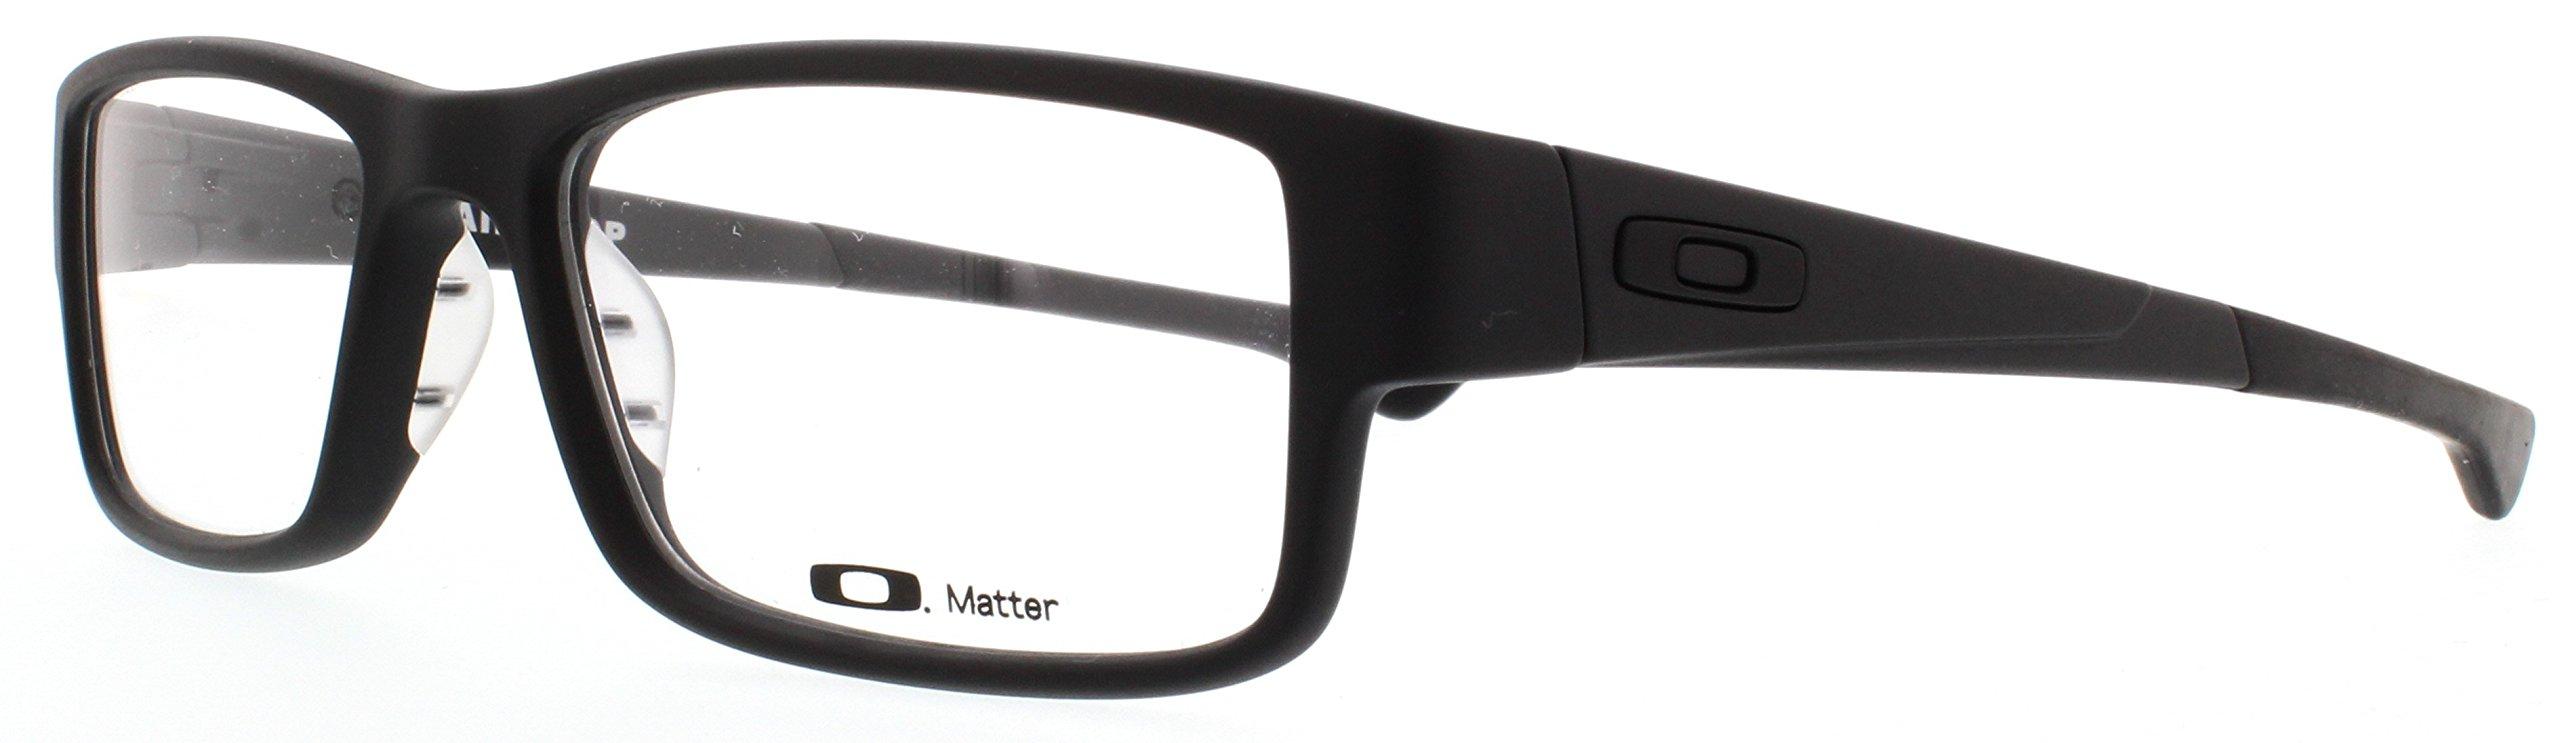 Oakley Men's Eyewear Frames OX8046 57mm Black 0157